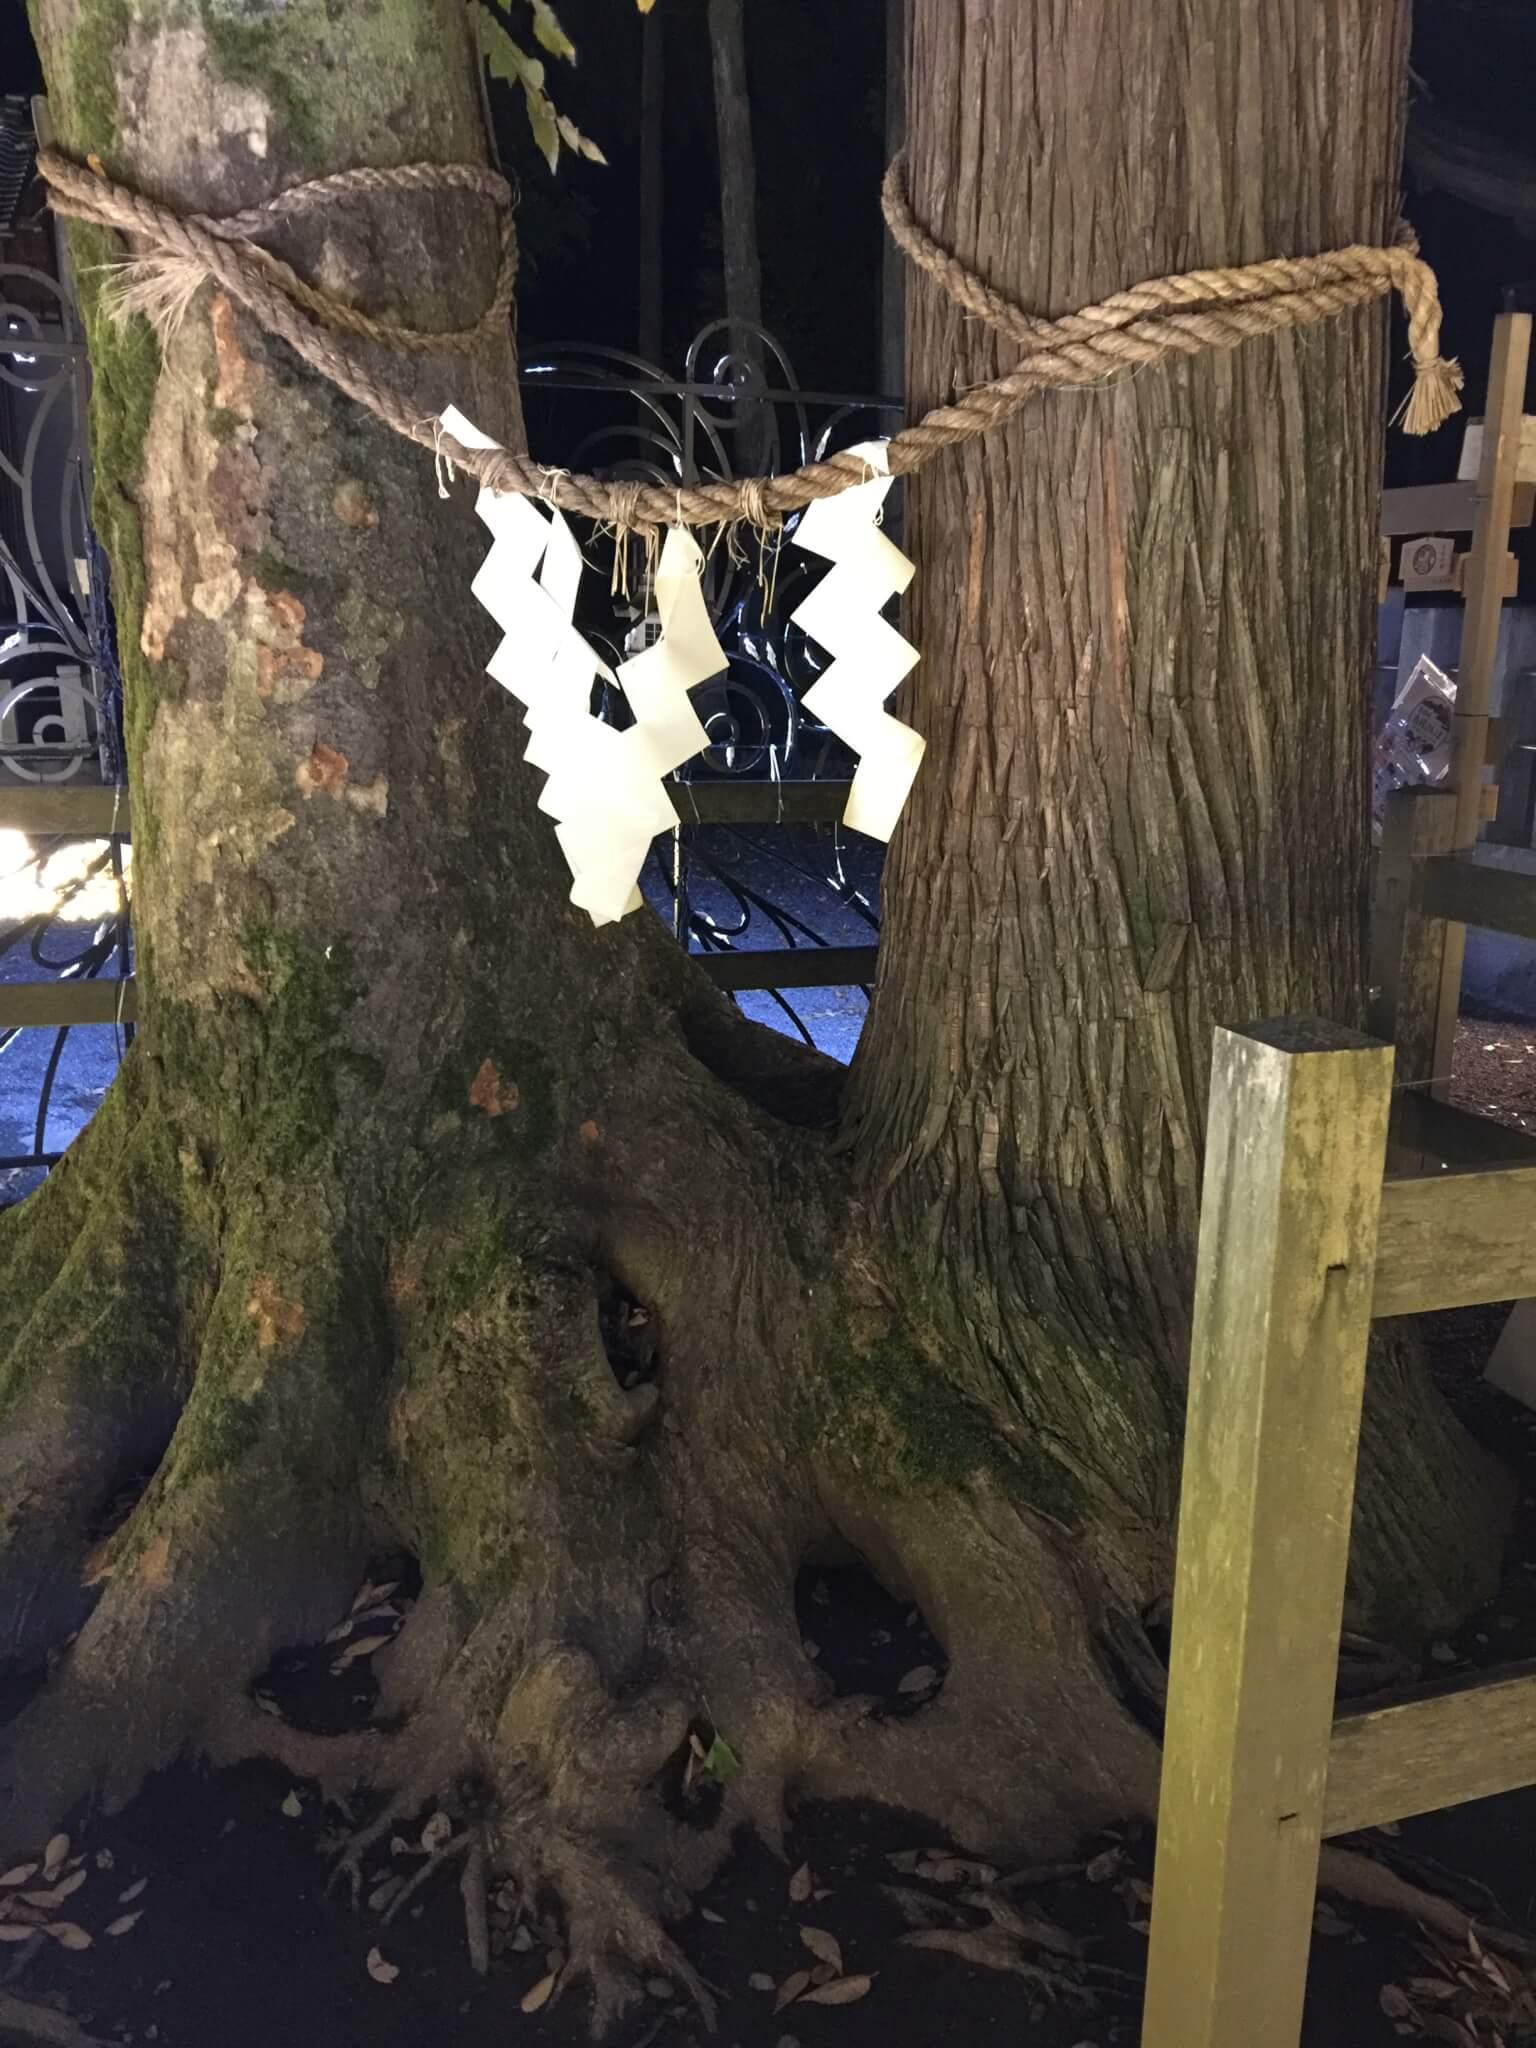 杉とケヤキが1つに重なる奇跡的な姿・良縁の樹